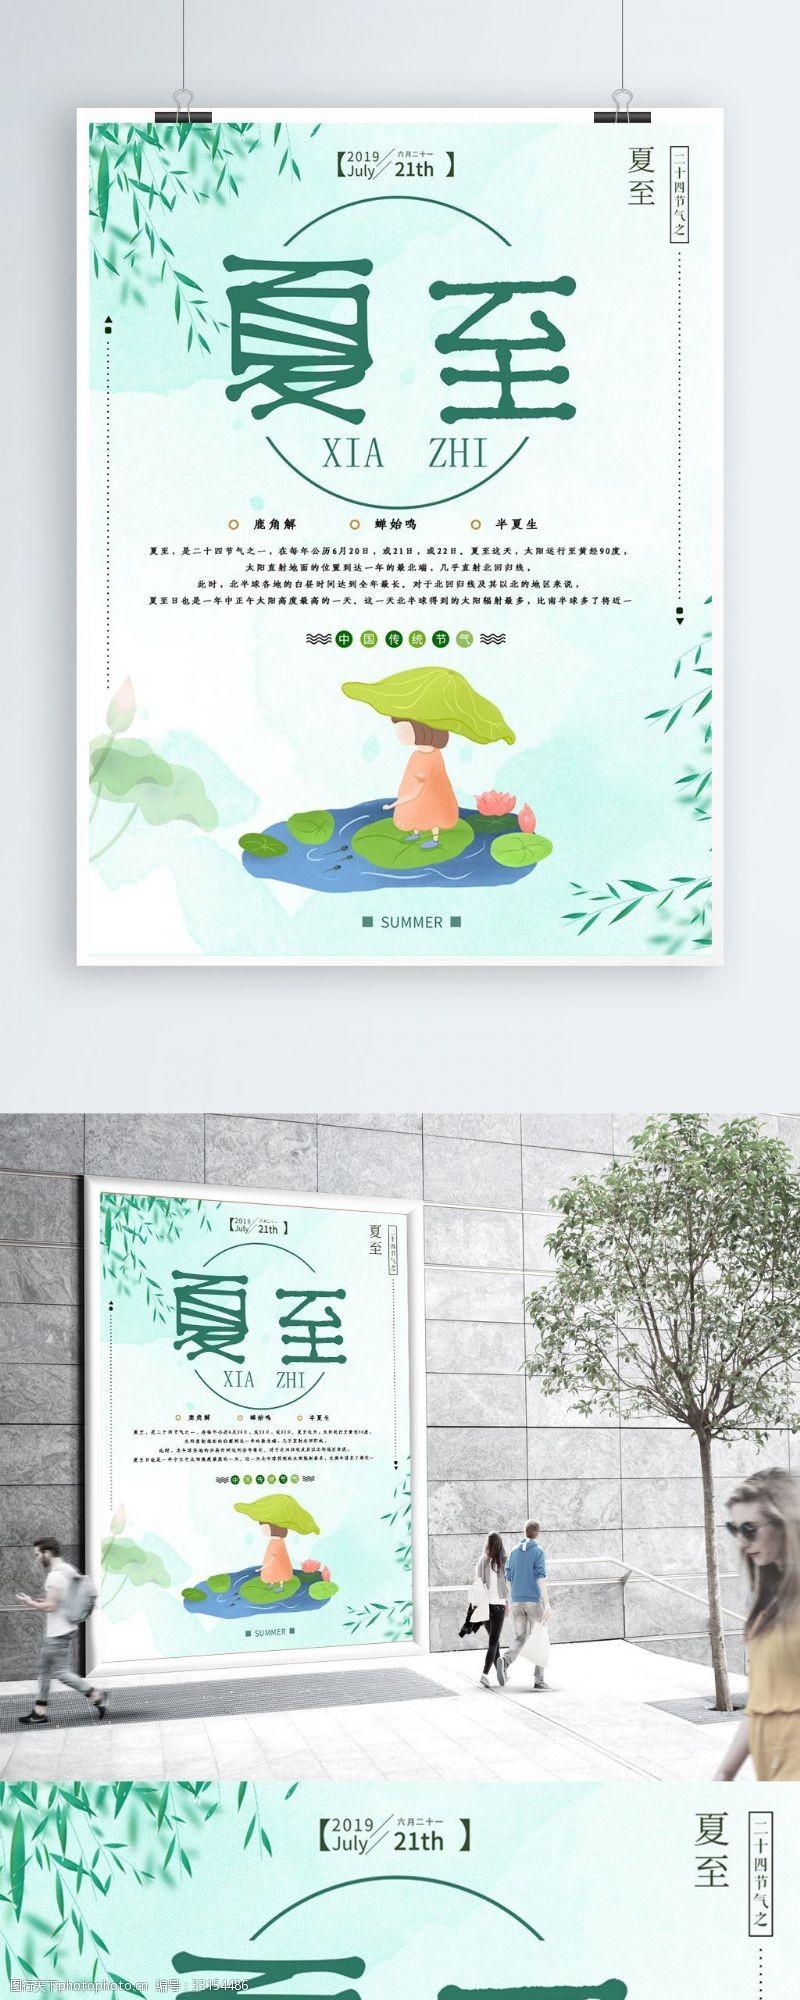 清新文艺风格二十四节气夏至海报